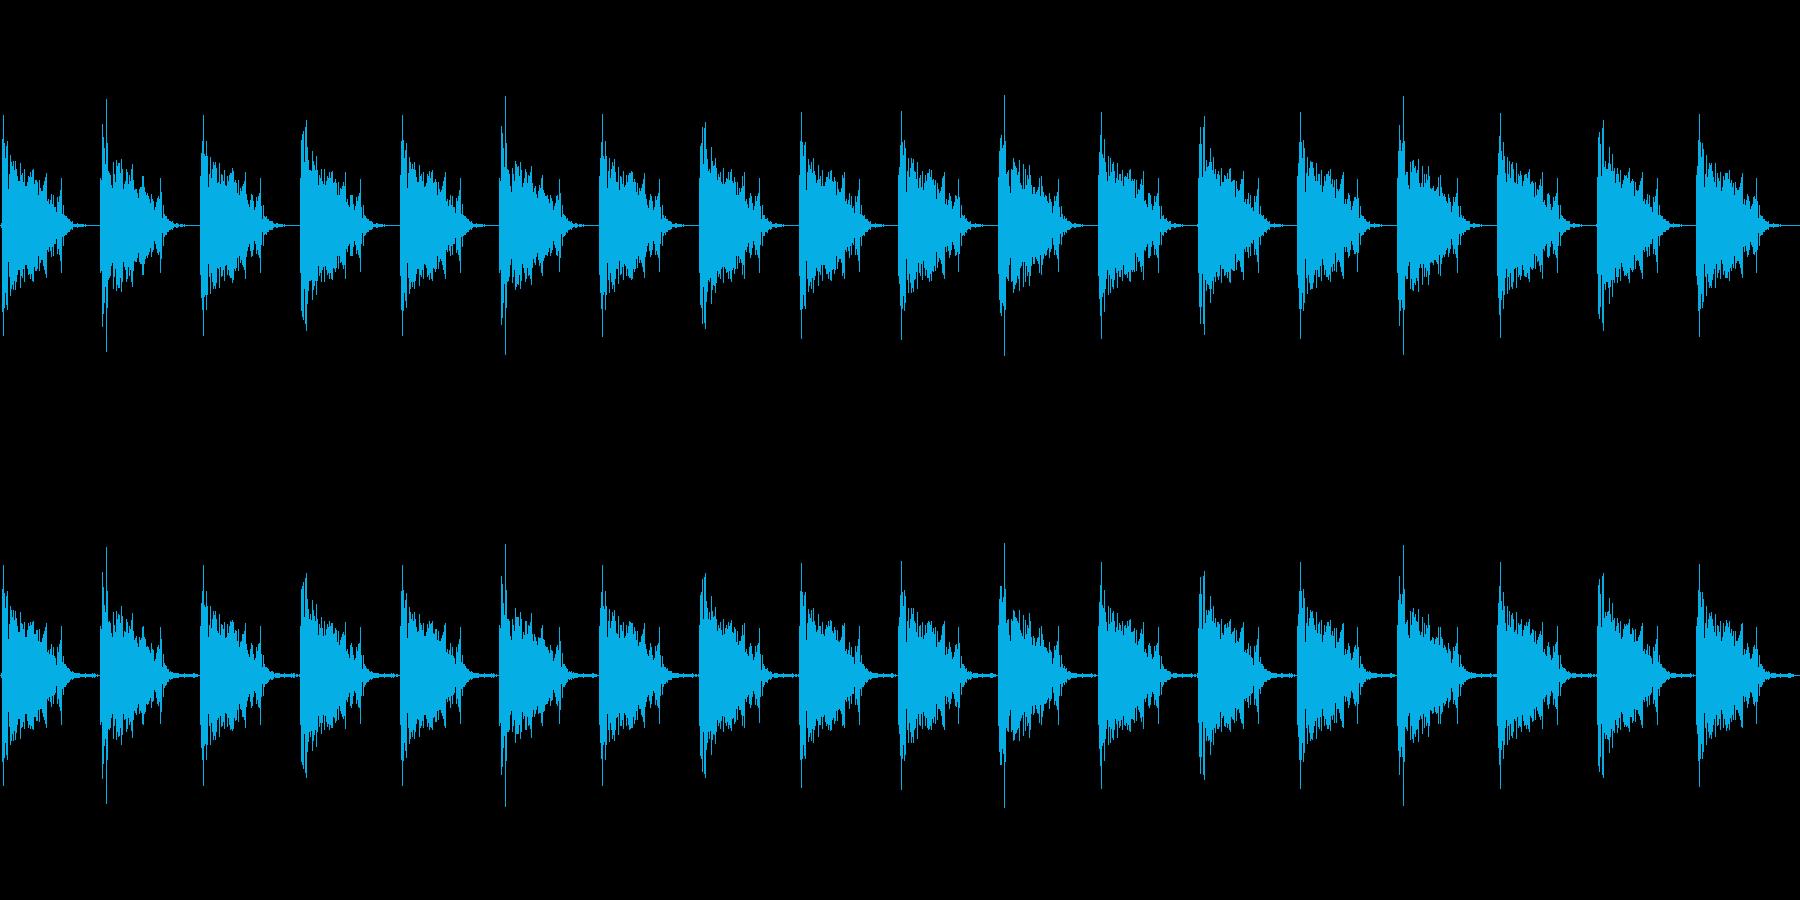 足音 ロボット系 ループも可の再生済みの波形